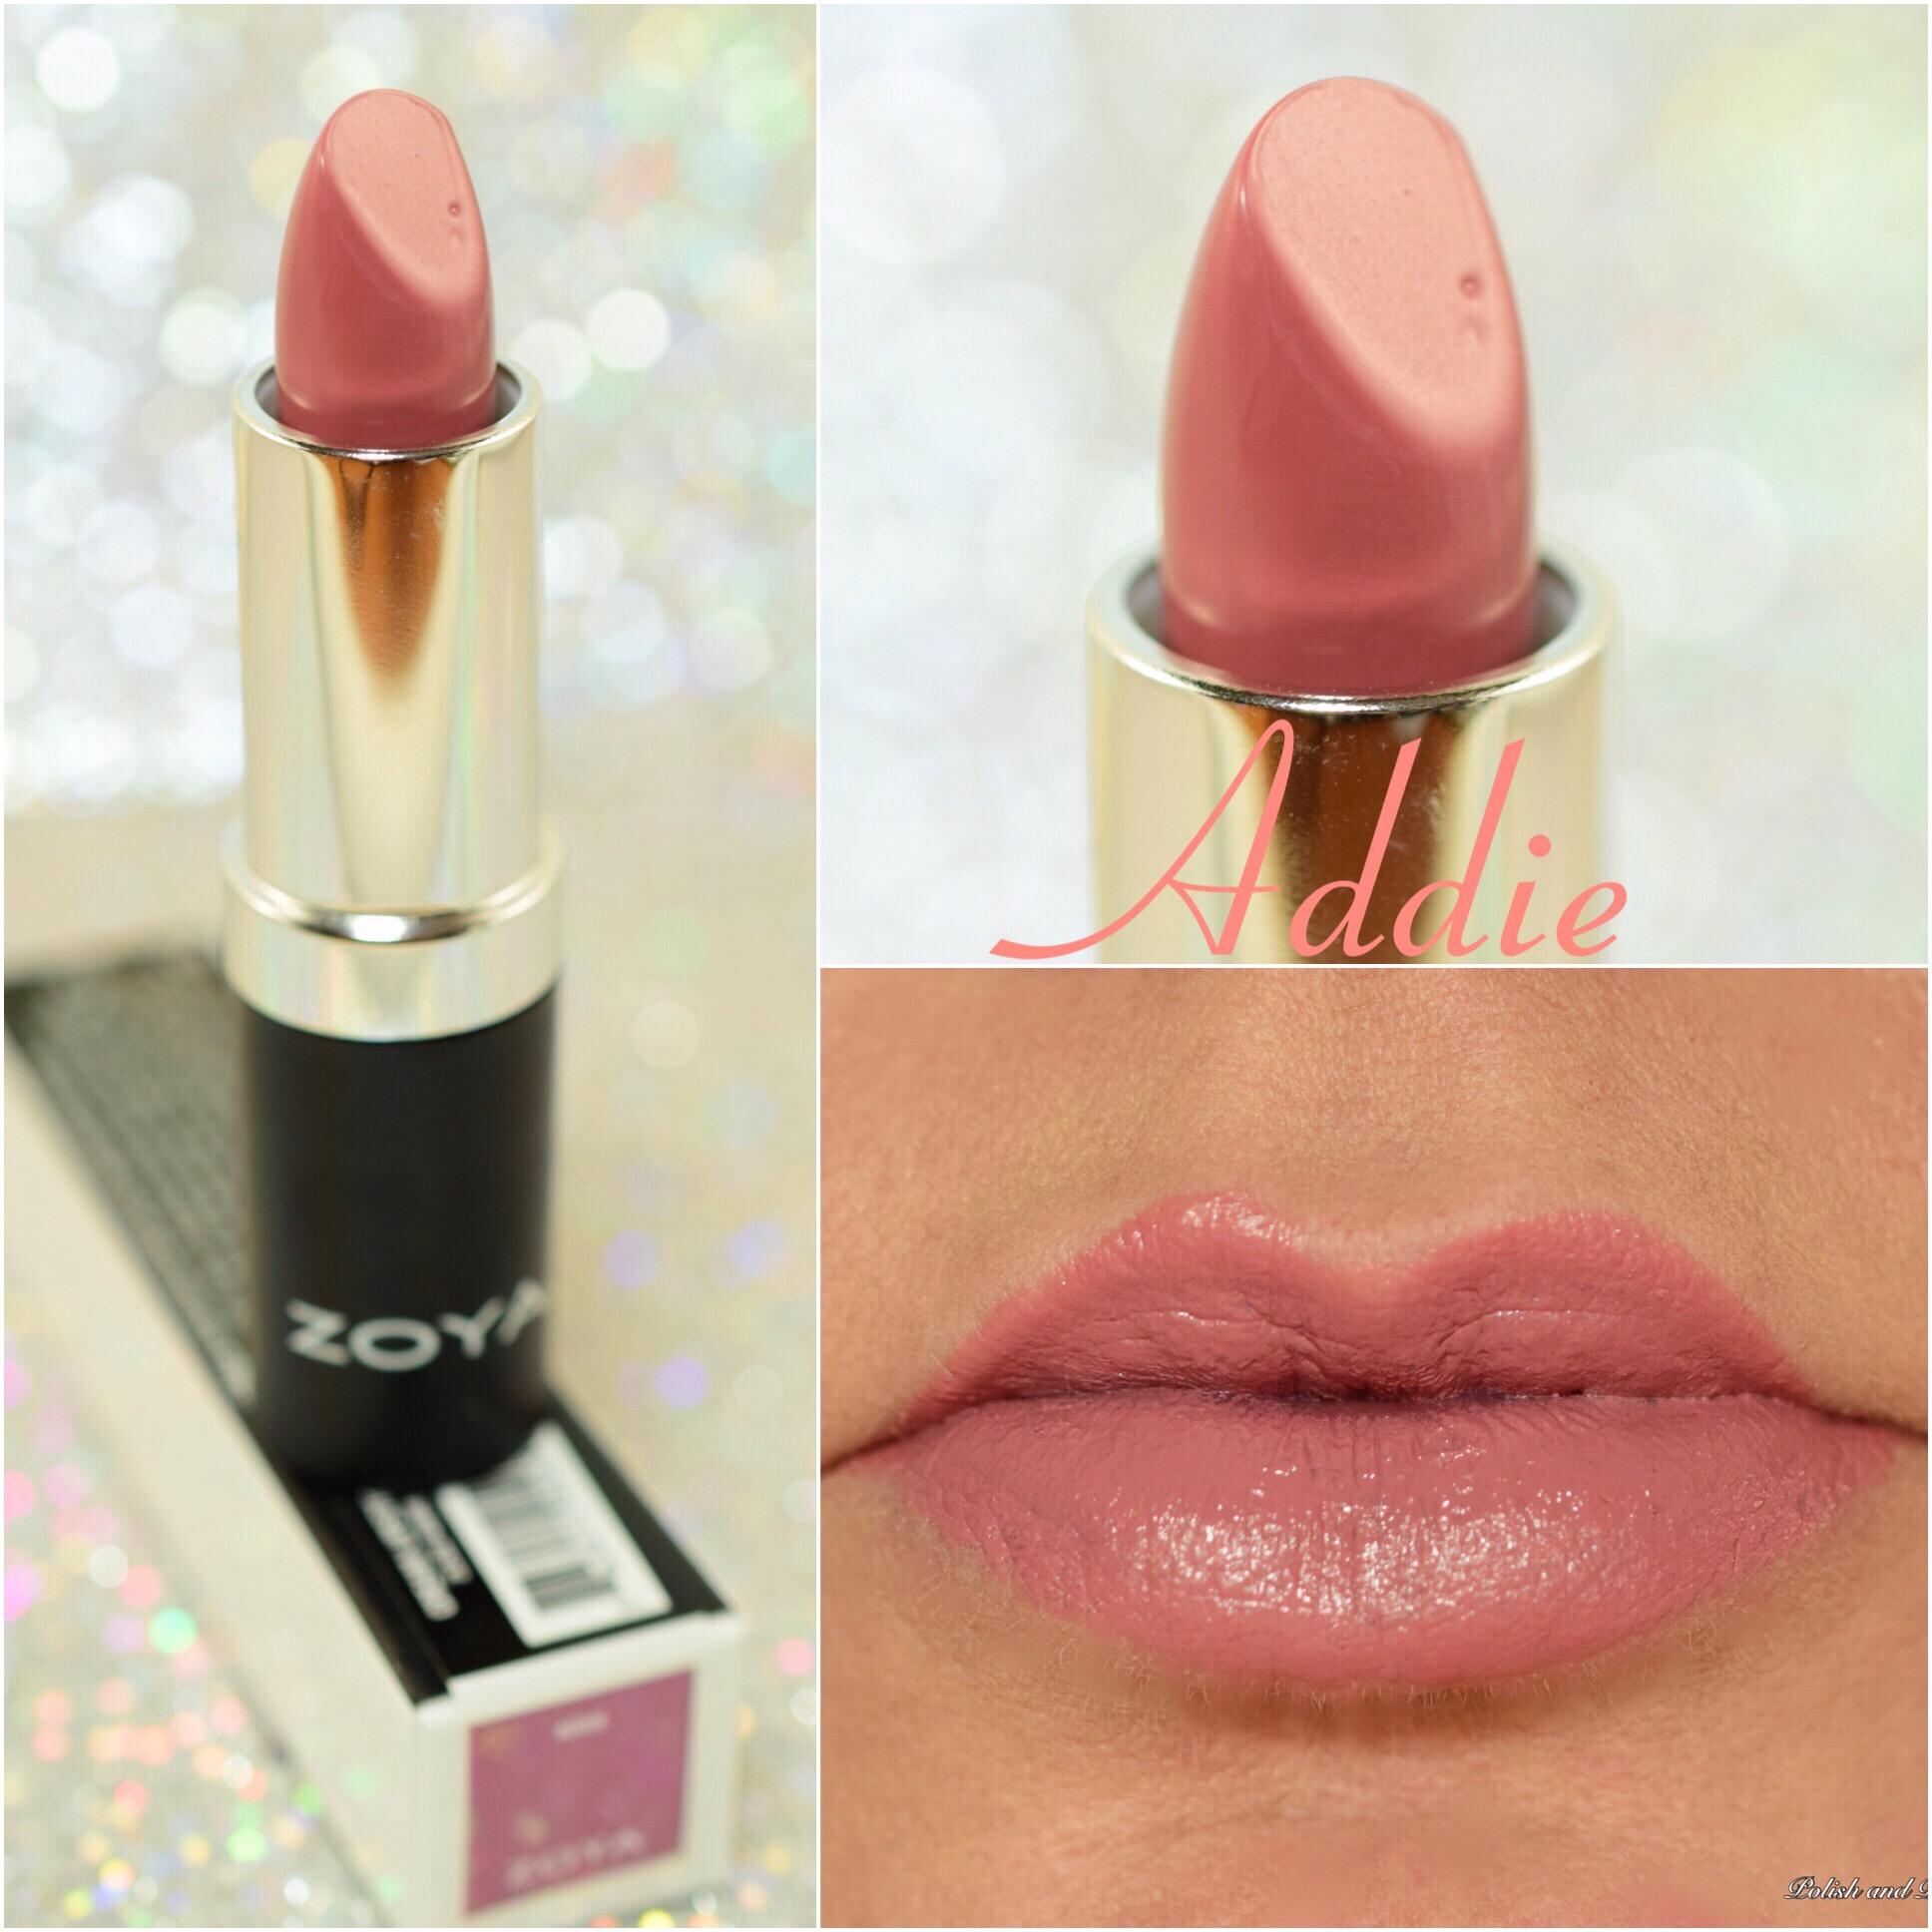 Zoya Addie Lipstick